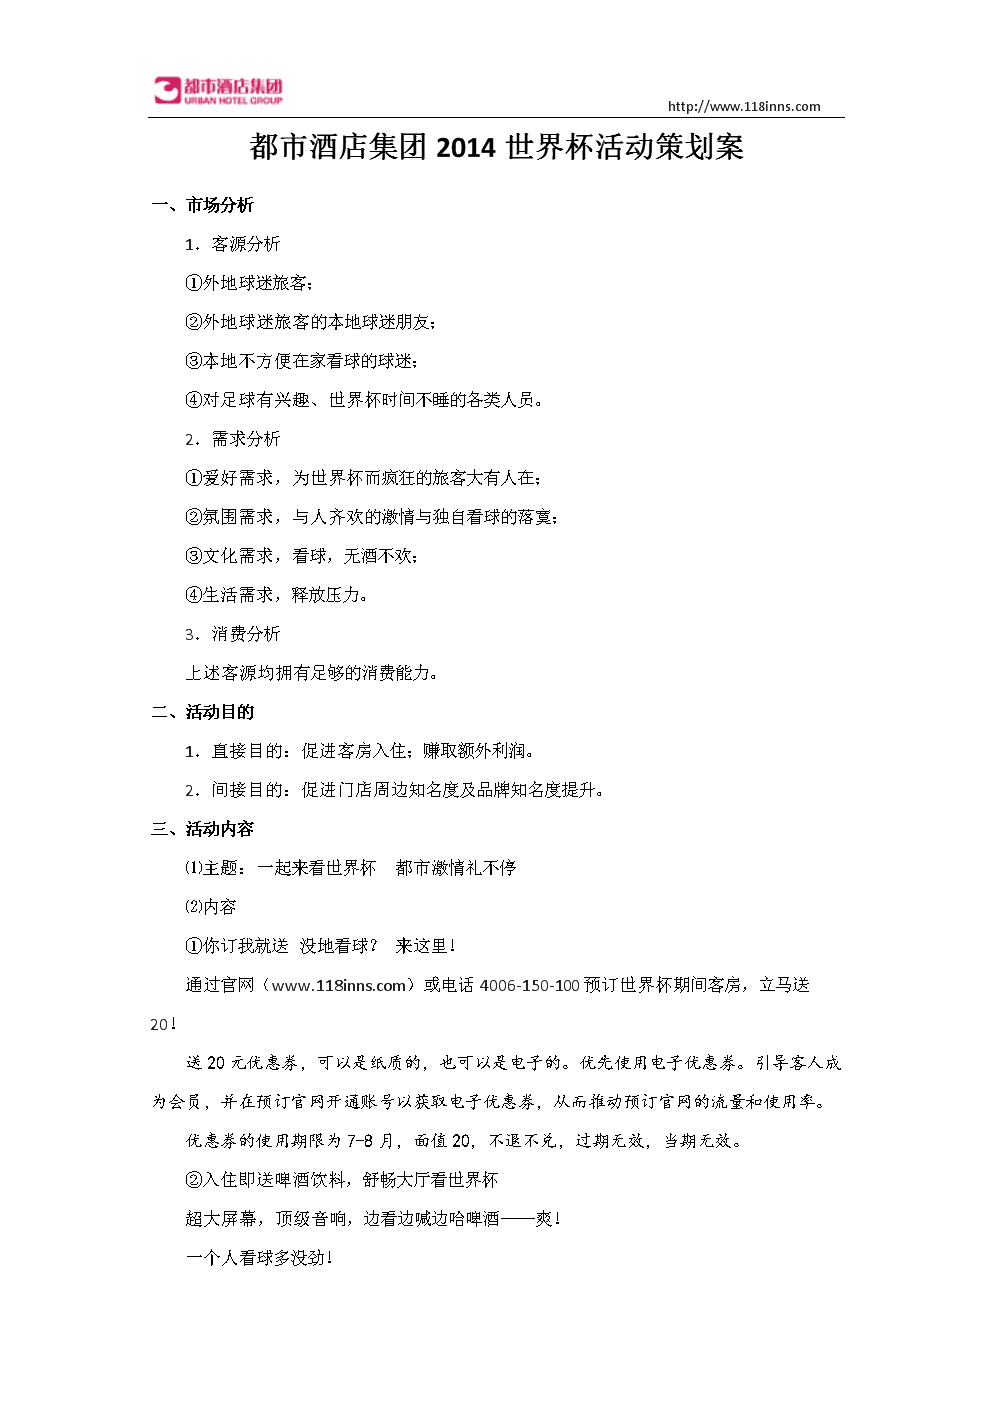 2014世界杯活动策划案—都市酒店集团.docx